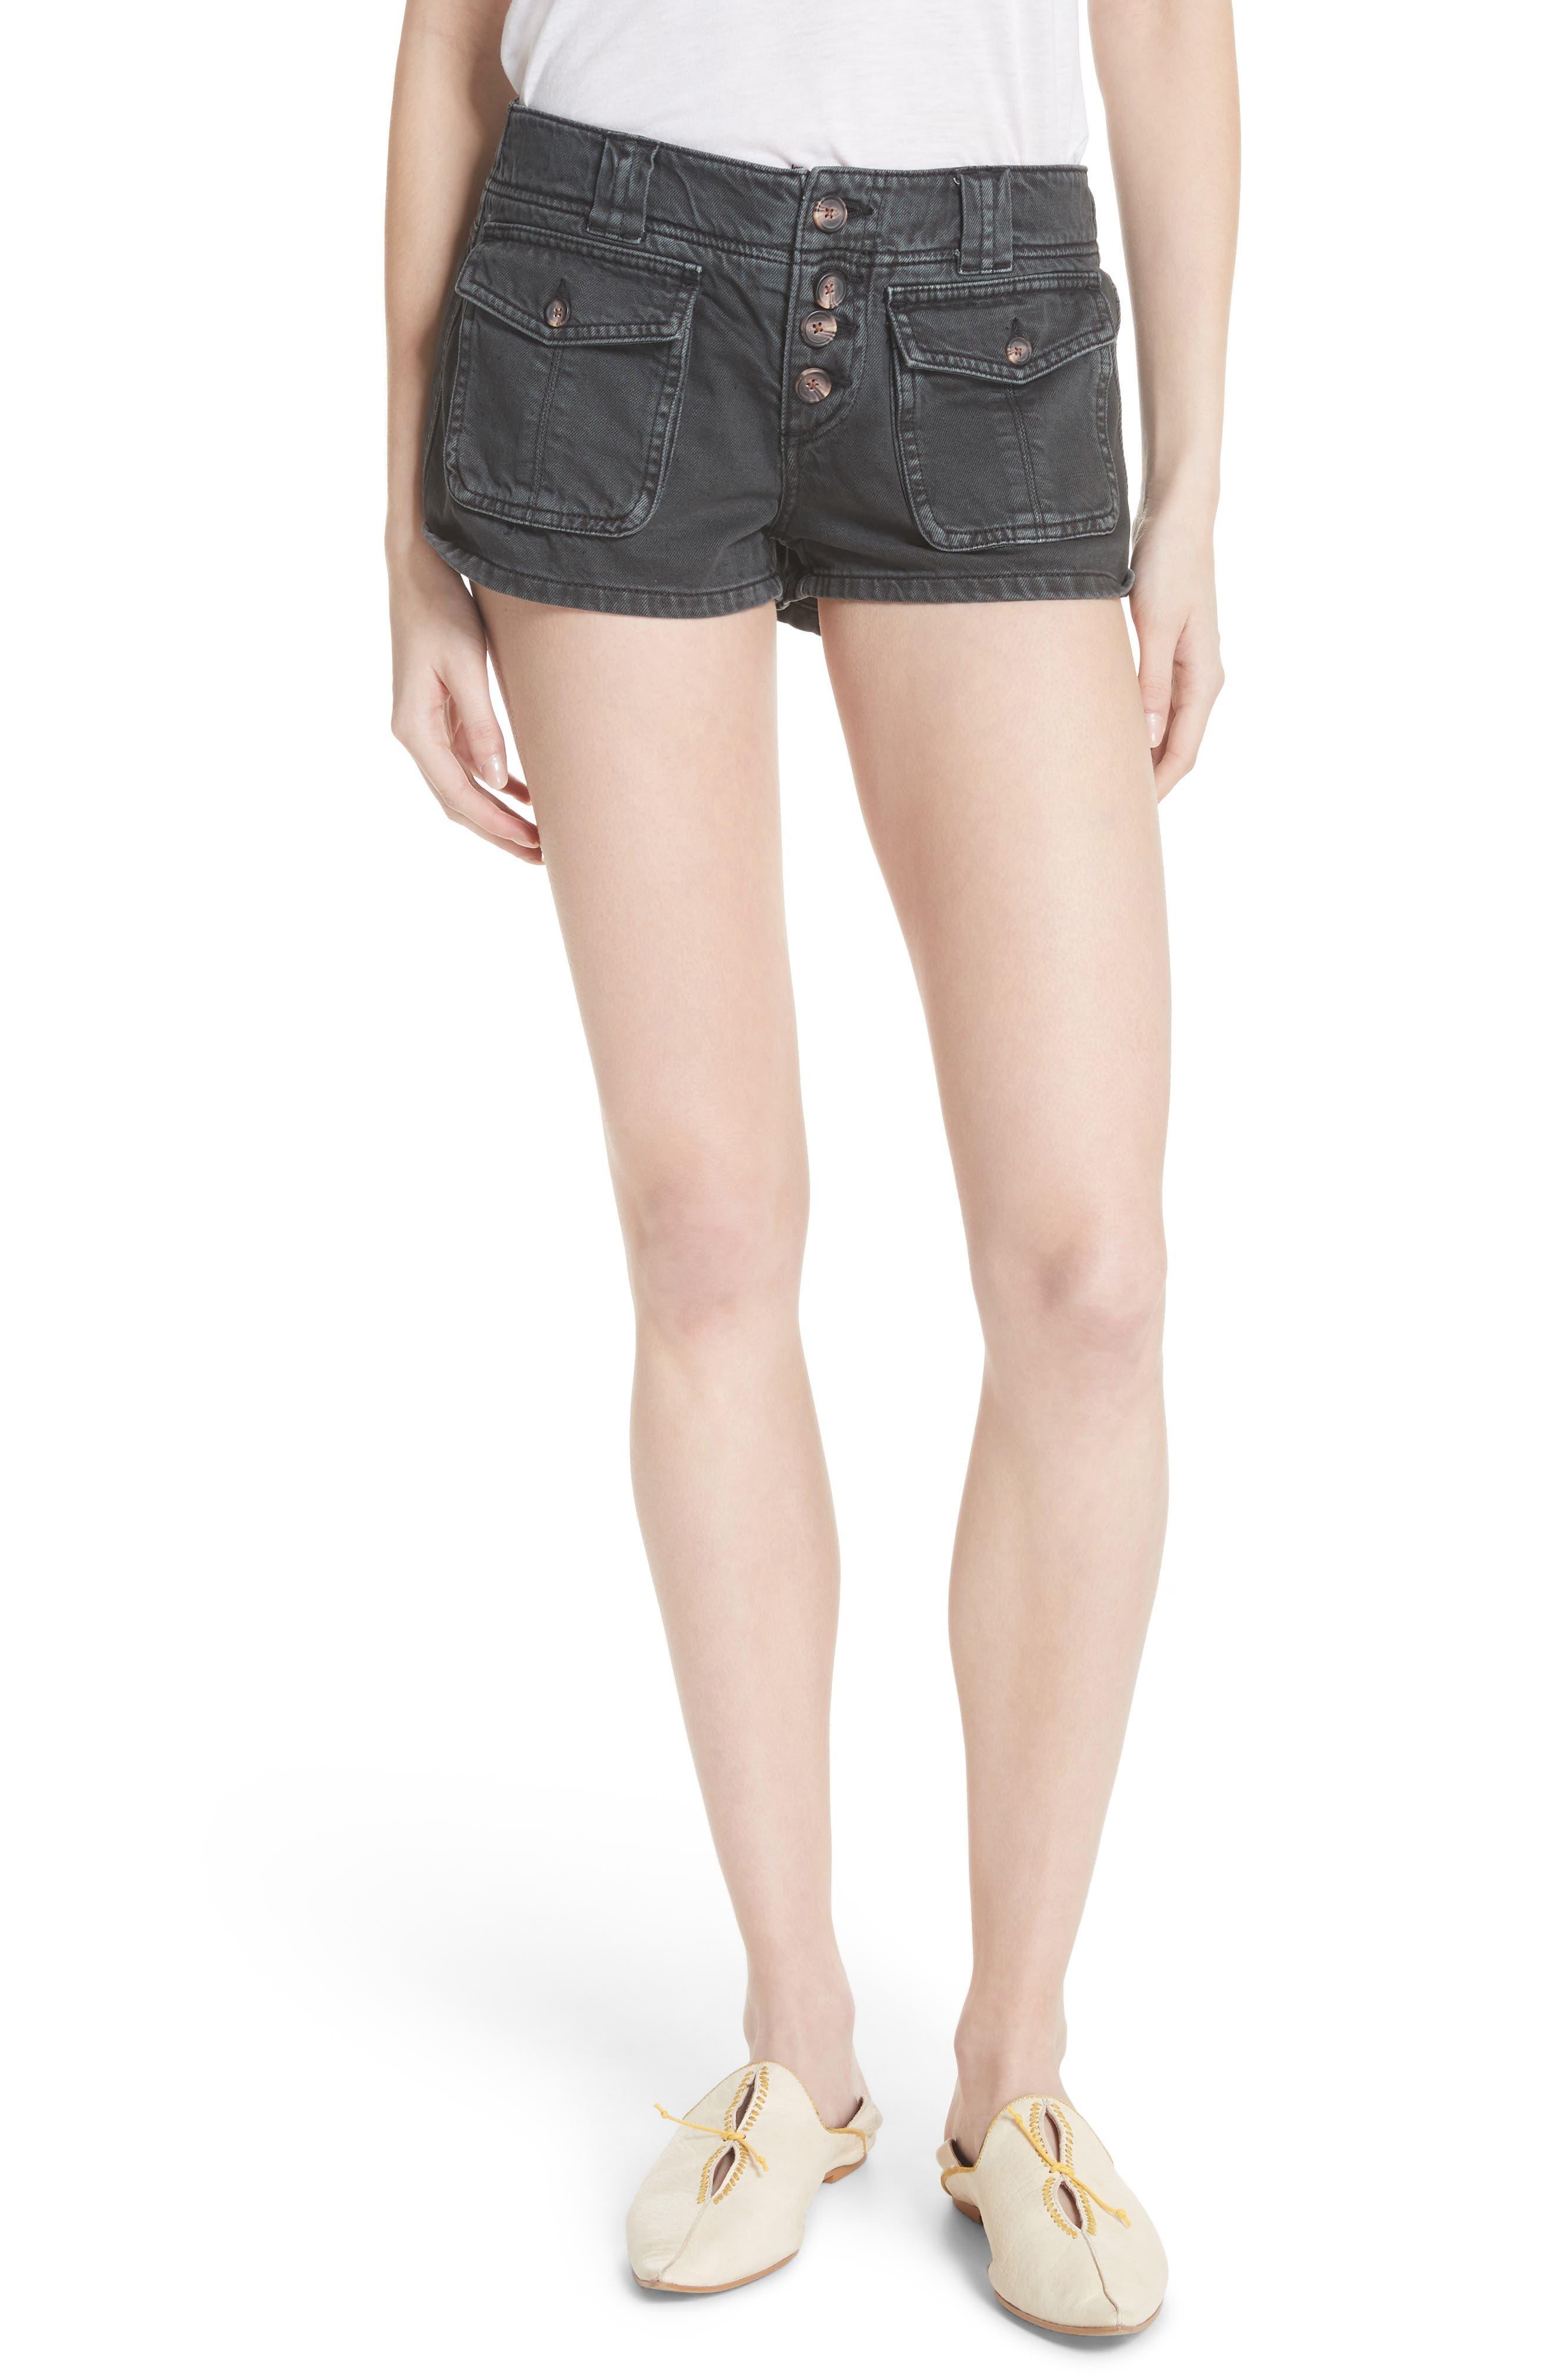 Cora Shorts,                         Main,                         color, 009